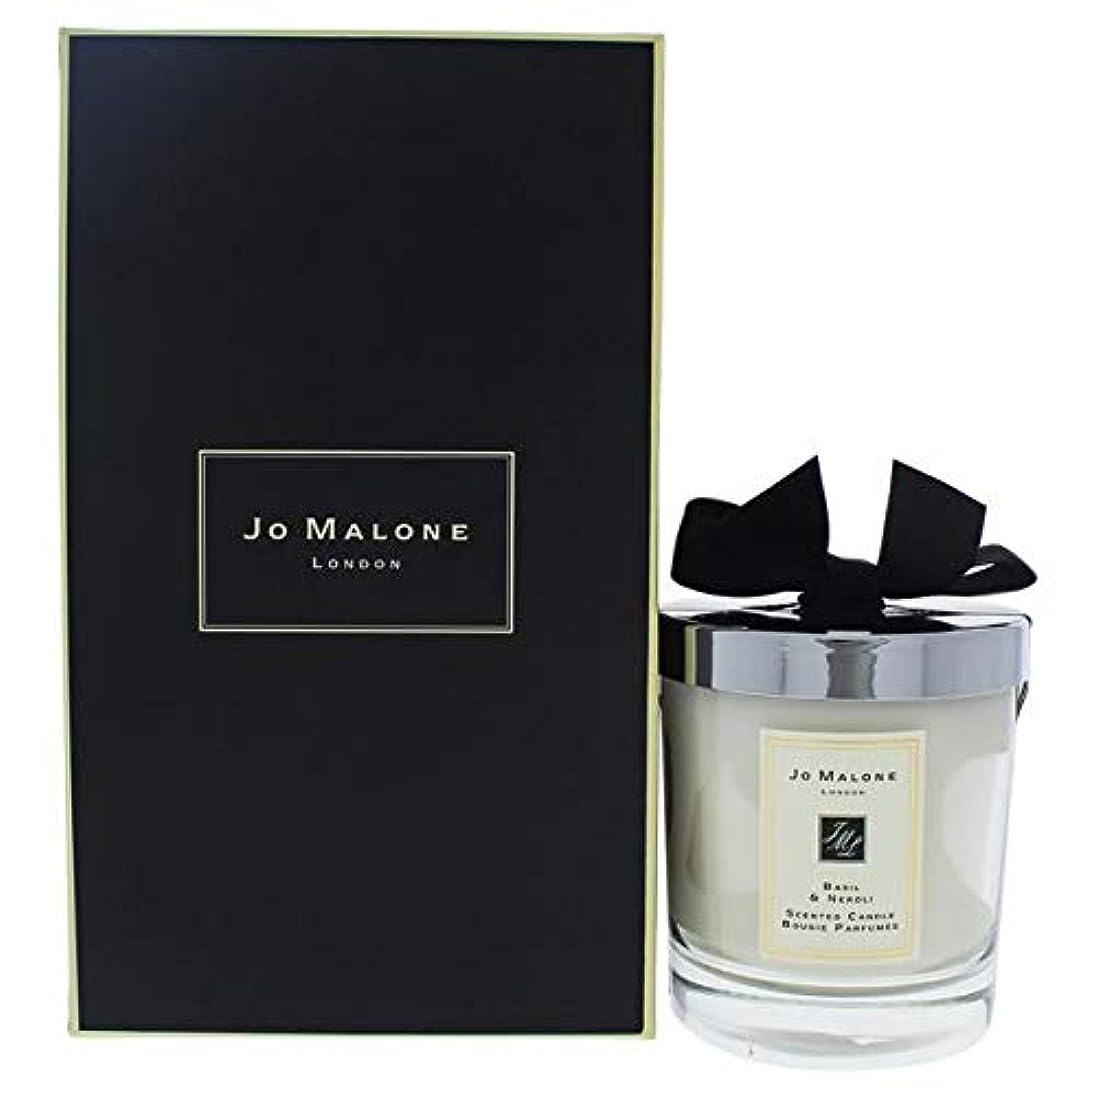 画面工業化する上にJo Malone Basil &ネロリScented Candle 200 g ( 2.5インチ)